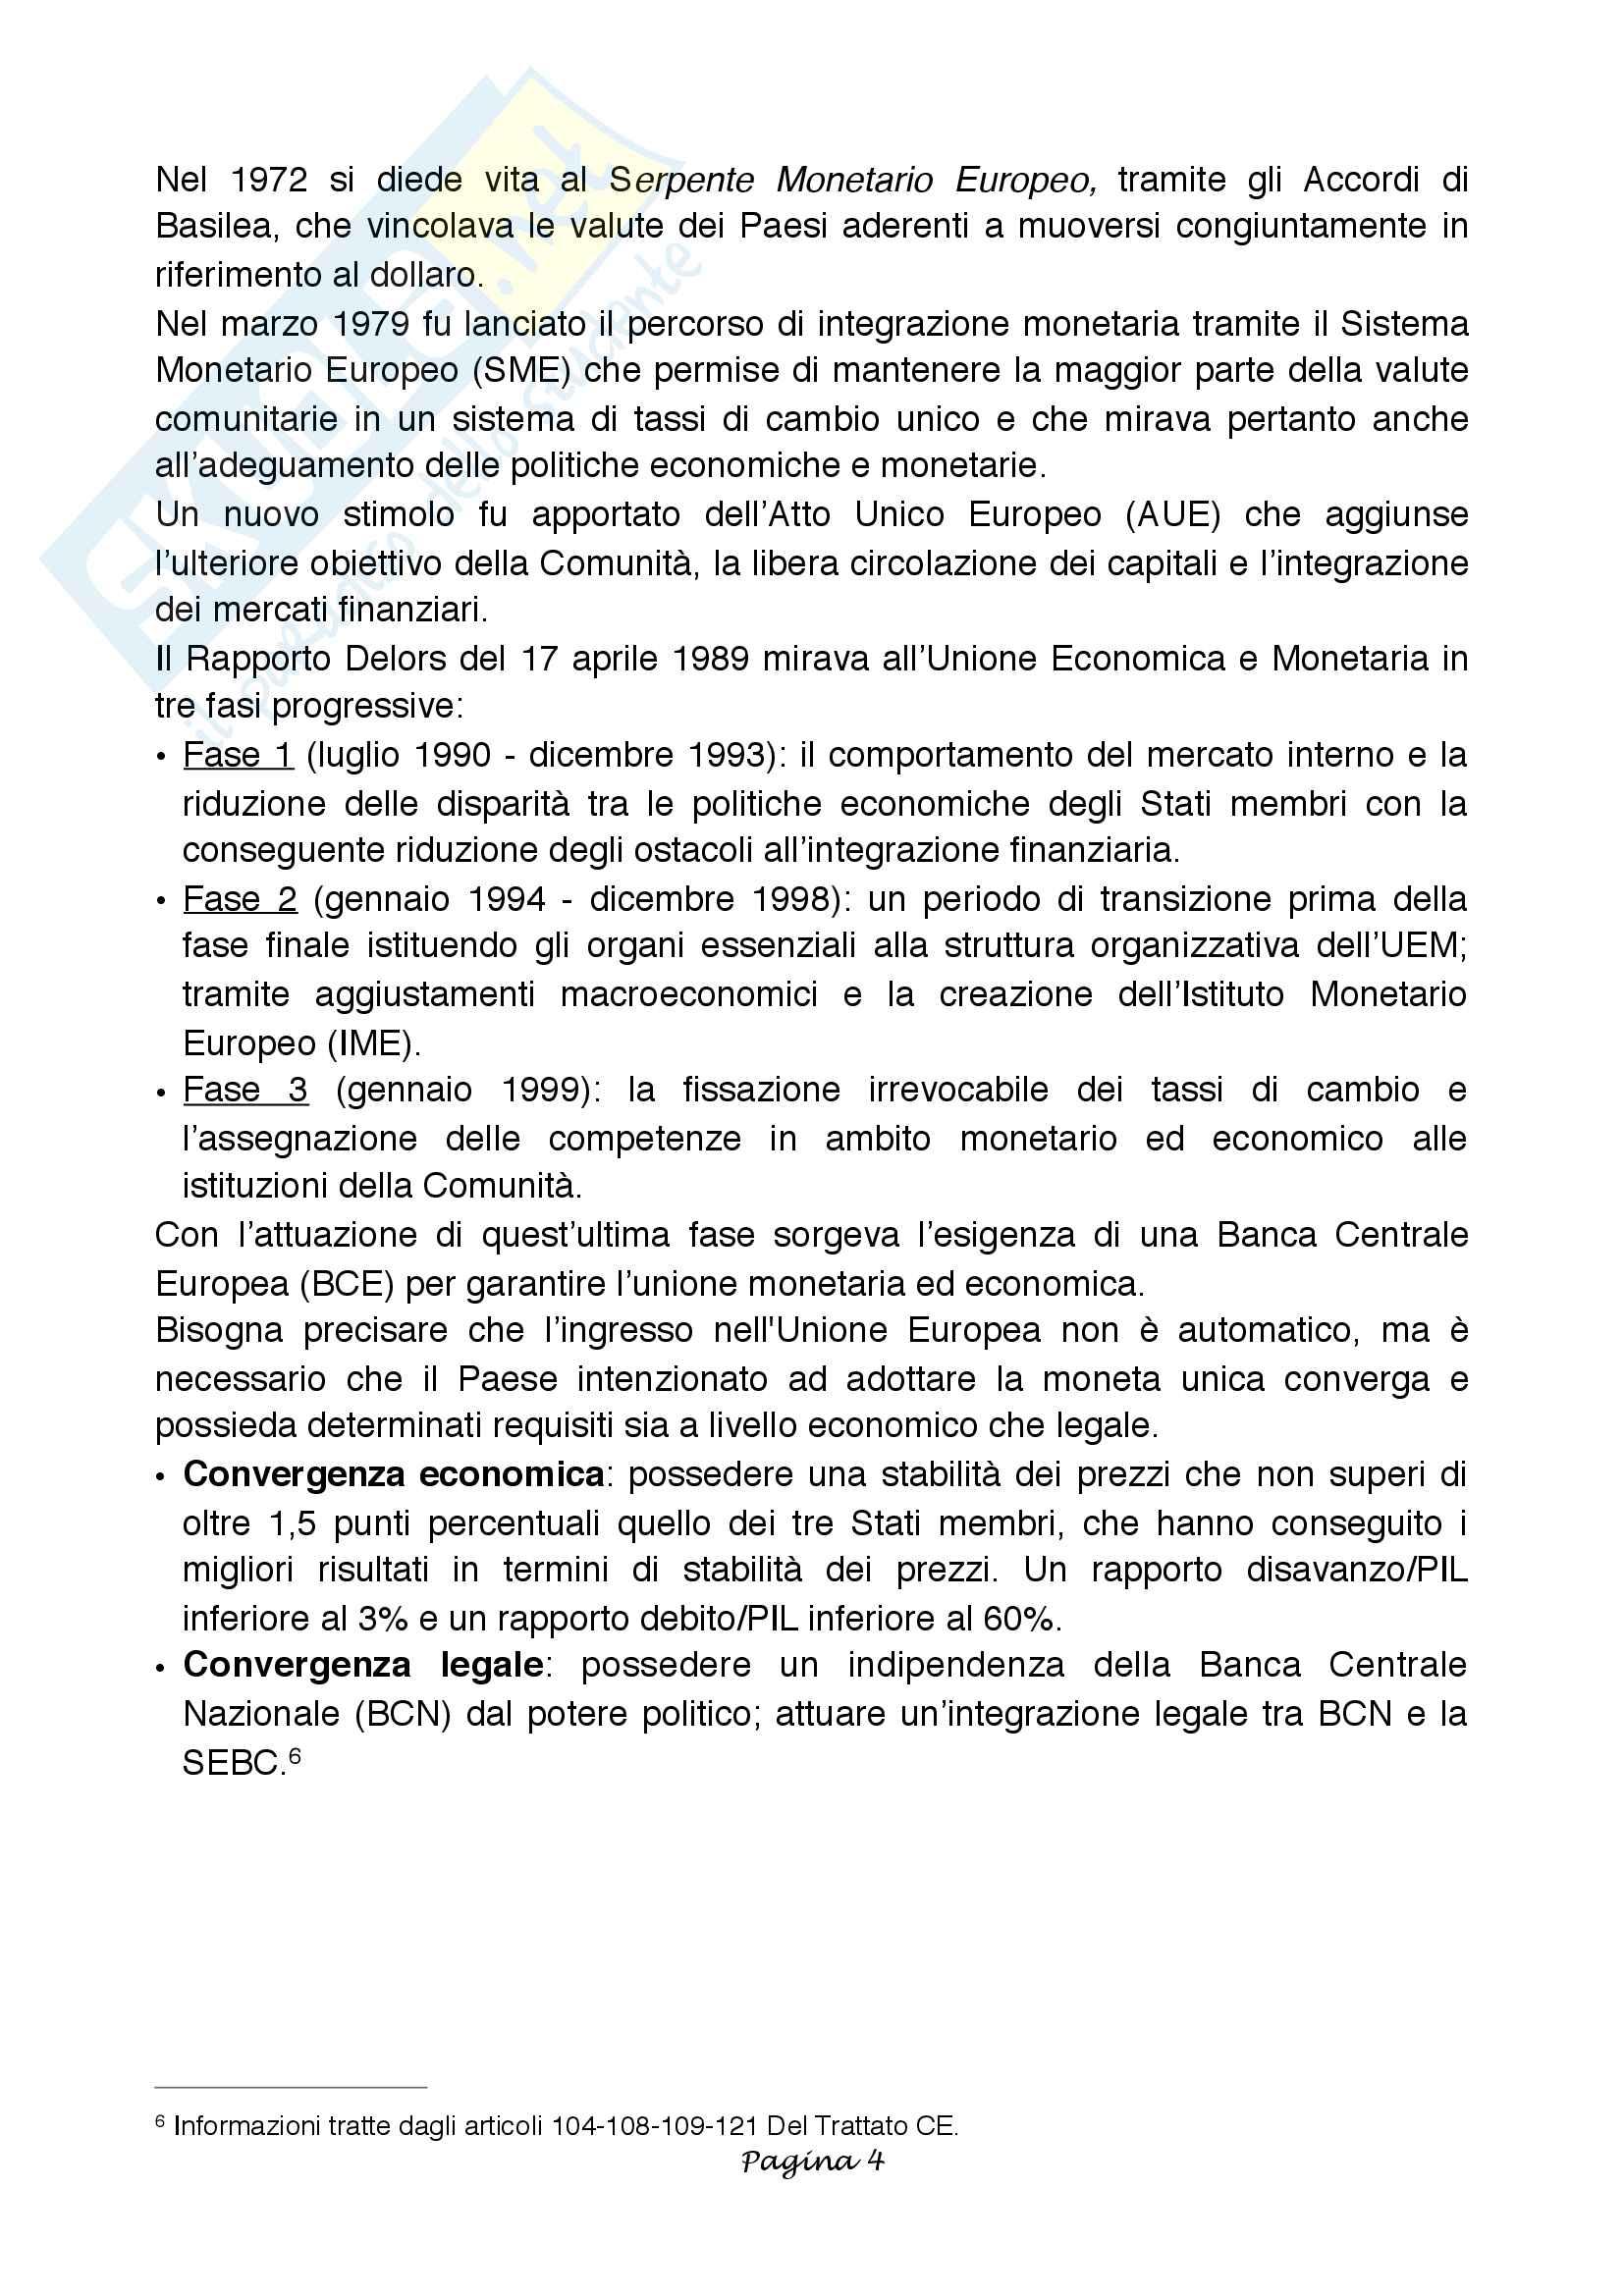 Tesi di laurea BCE e Fed a confronto: obiettivi, struttura, strumenti e confronto Pag. 6